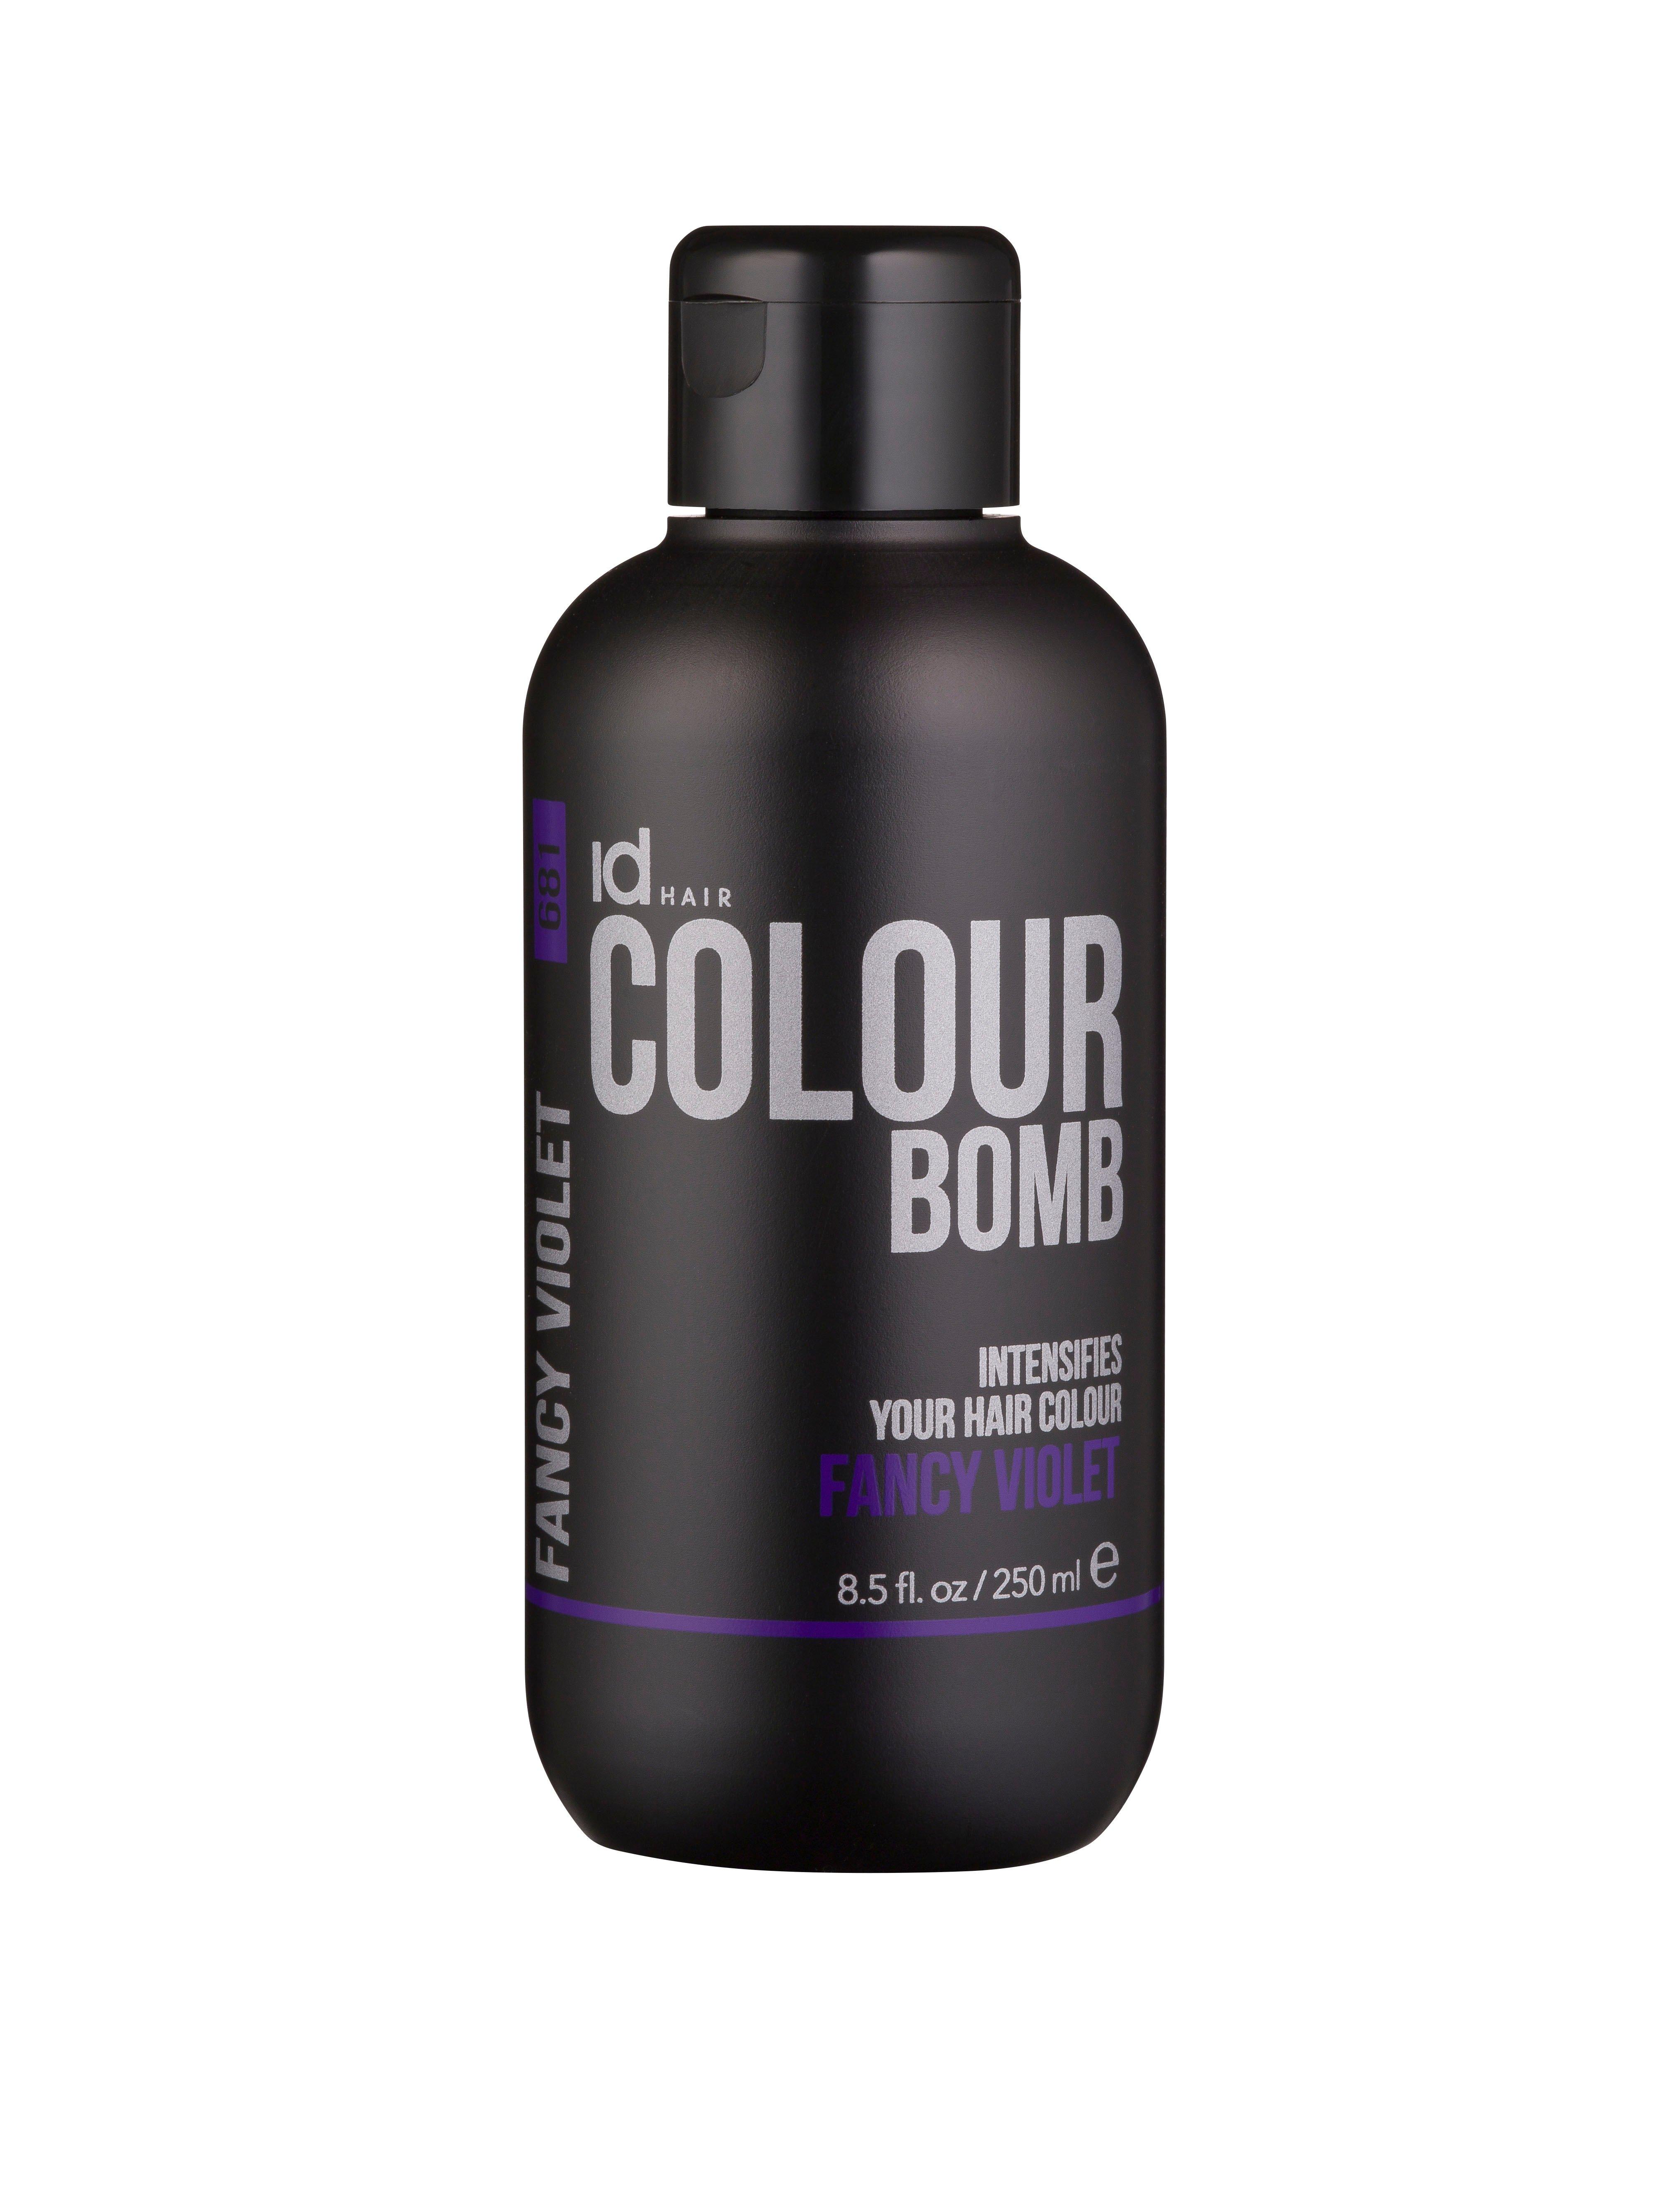 IdHAIR - Colour Bomb 250 ml - Fancy Violet